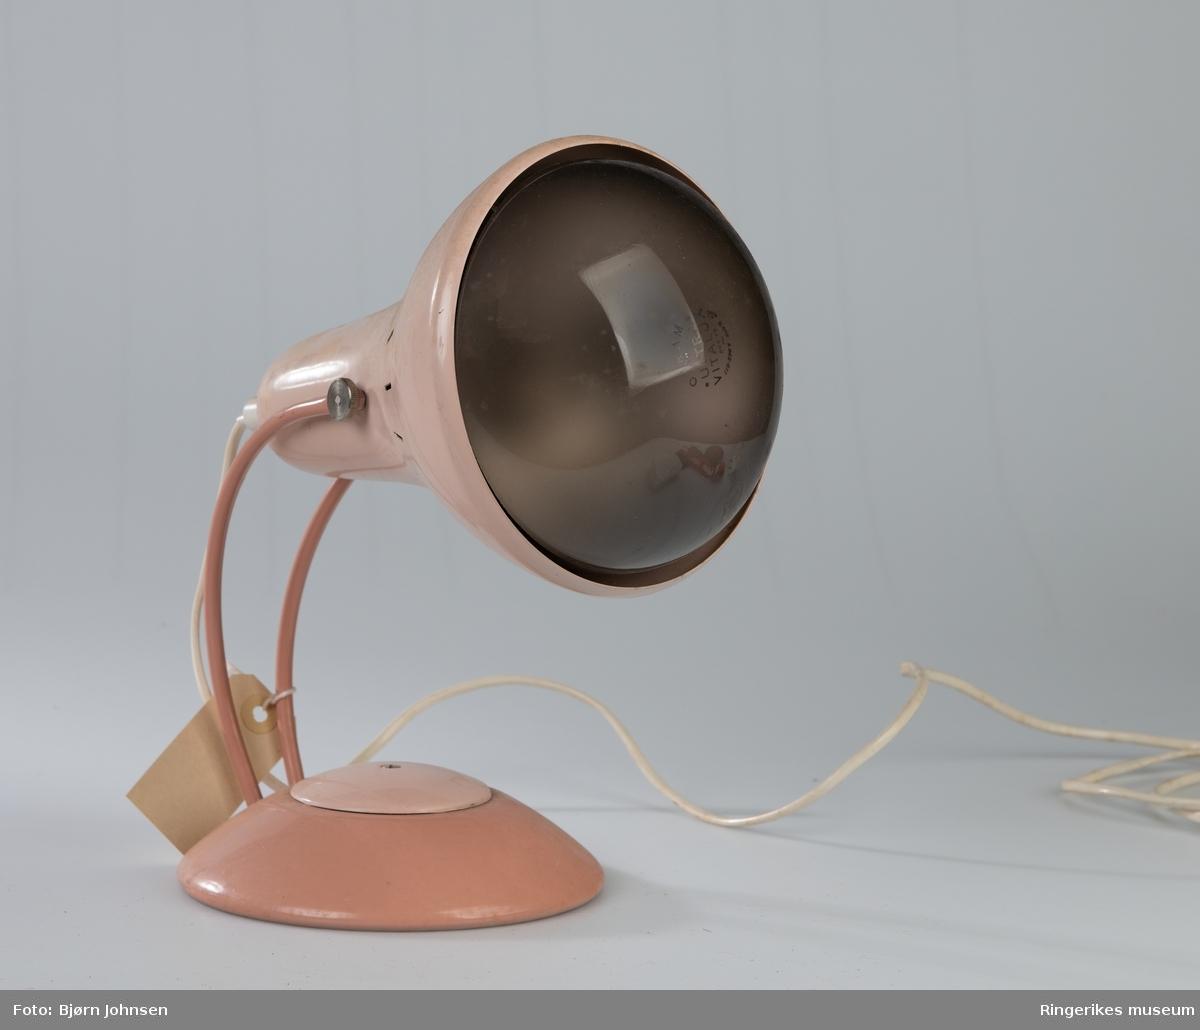 Lampe på lav bolleformet sokkel, to tynne rør  festet med skruer og muttere og forbinder sokkel og lampeskjerm/kapsel med hverandre. Lampeskjermen er traktformet. Stor lyspære med høy varmeeffekt er montert. Lang elektrisk ledning med kontakt.